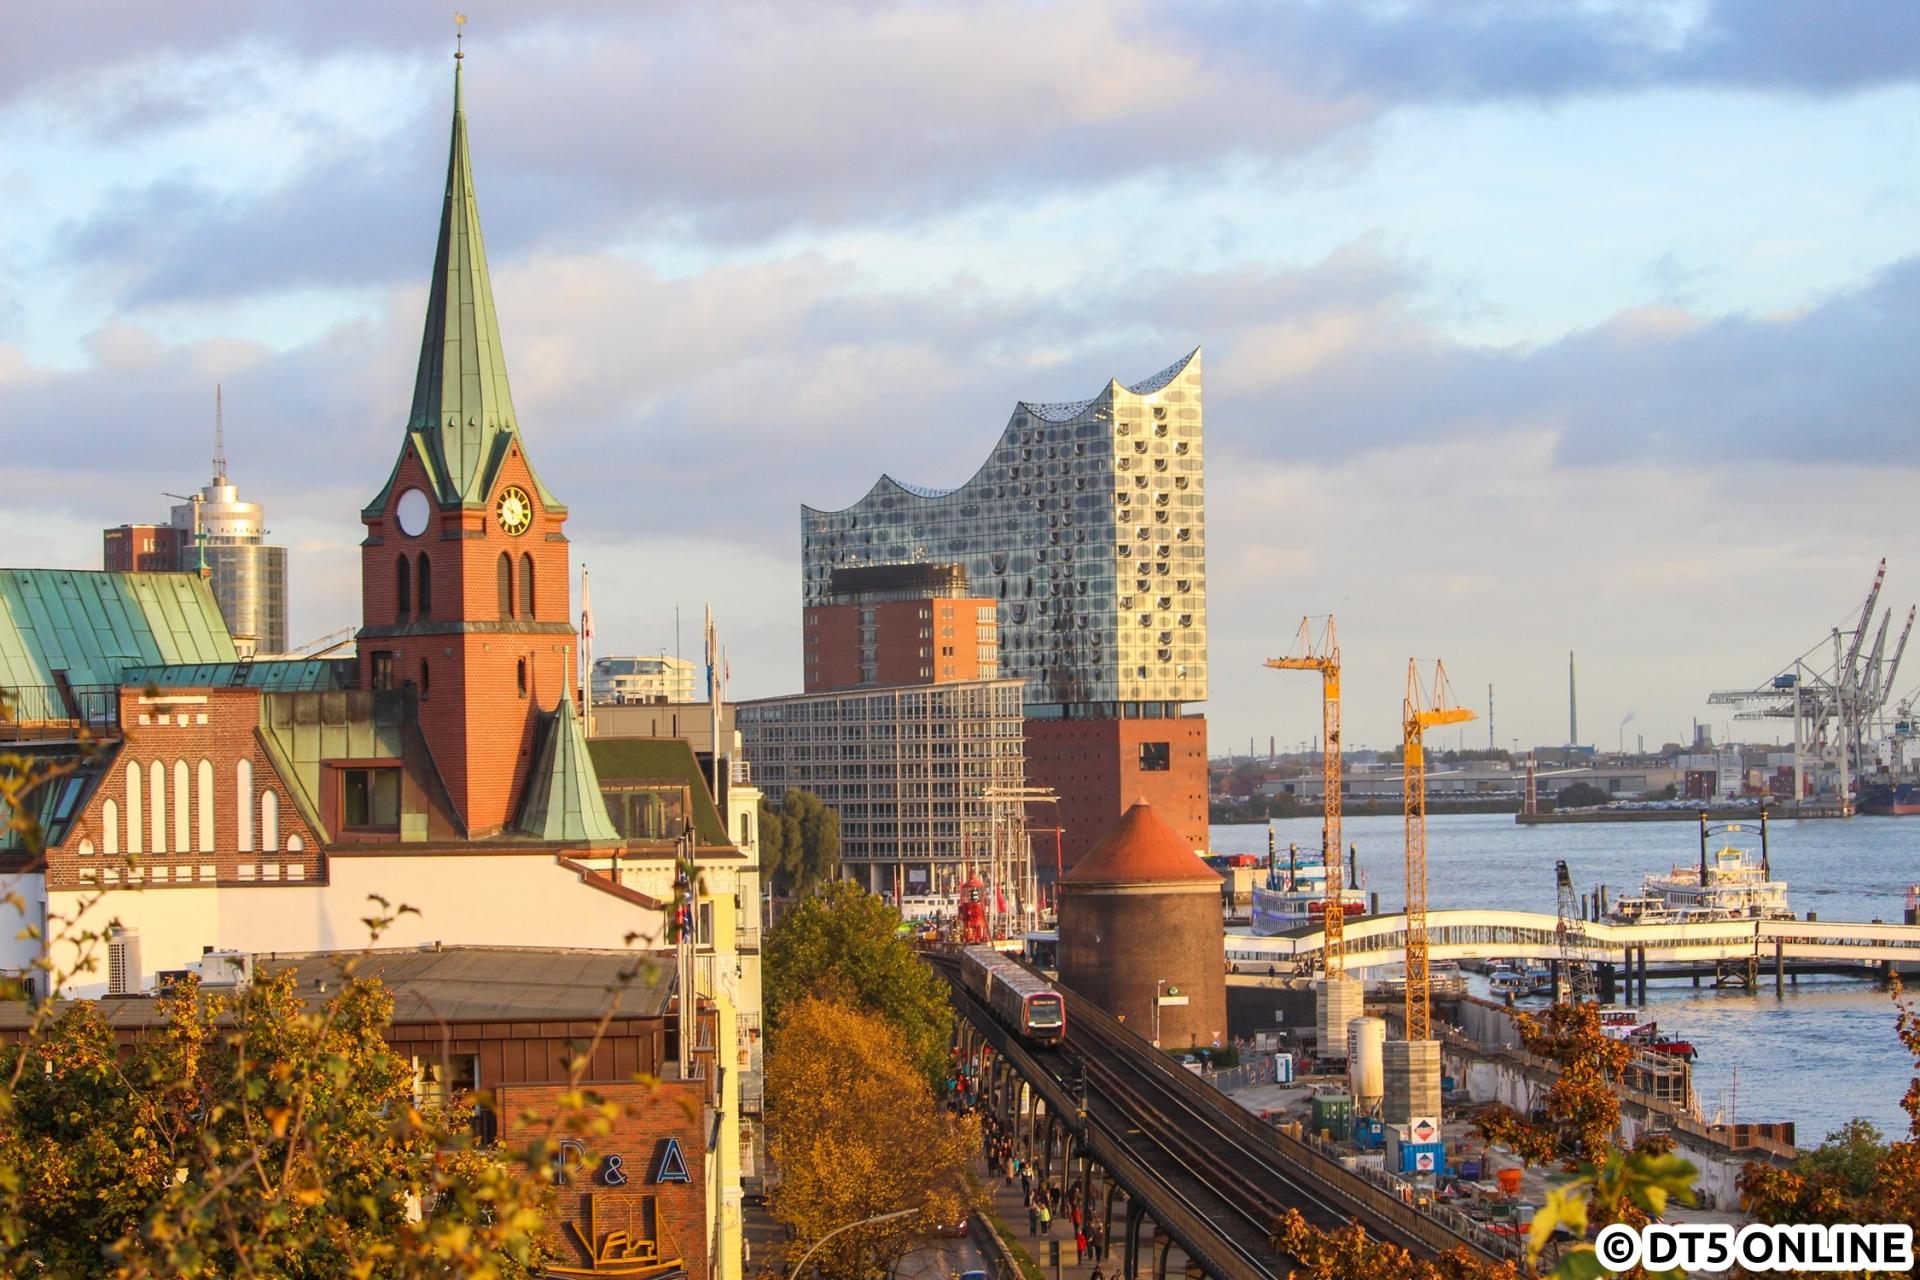 Kurz vorm Sonnenuntergang des 30. Oktobers fährt DT5 317 am Hamburger Hafen vorbei. Nachdem die Elbphilharmonie nun kranfrei ist, stehen jetzt welche aufgrund der Erneuerung des Flutschutzes im Bild. Man kann ja nicht alles haben…